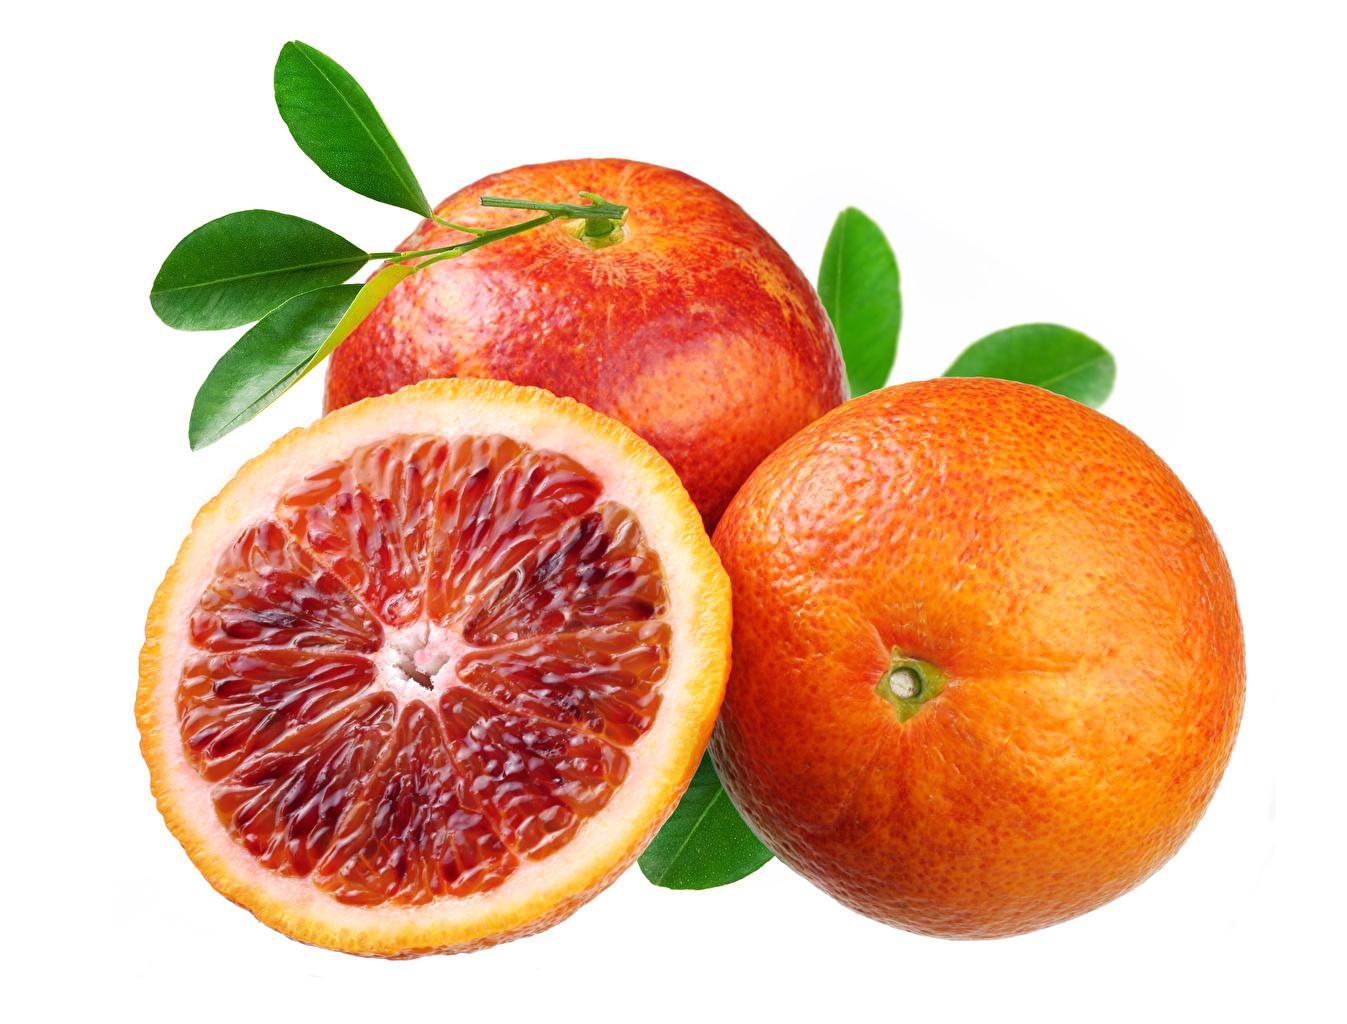 Картинки Апельсин Пища втроем вблизи белым фоном Еда три Трое 3 Продукты питания Белый фон белом фоне Крупным планом